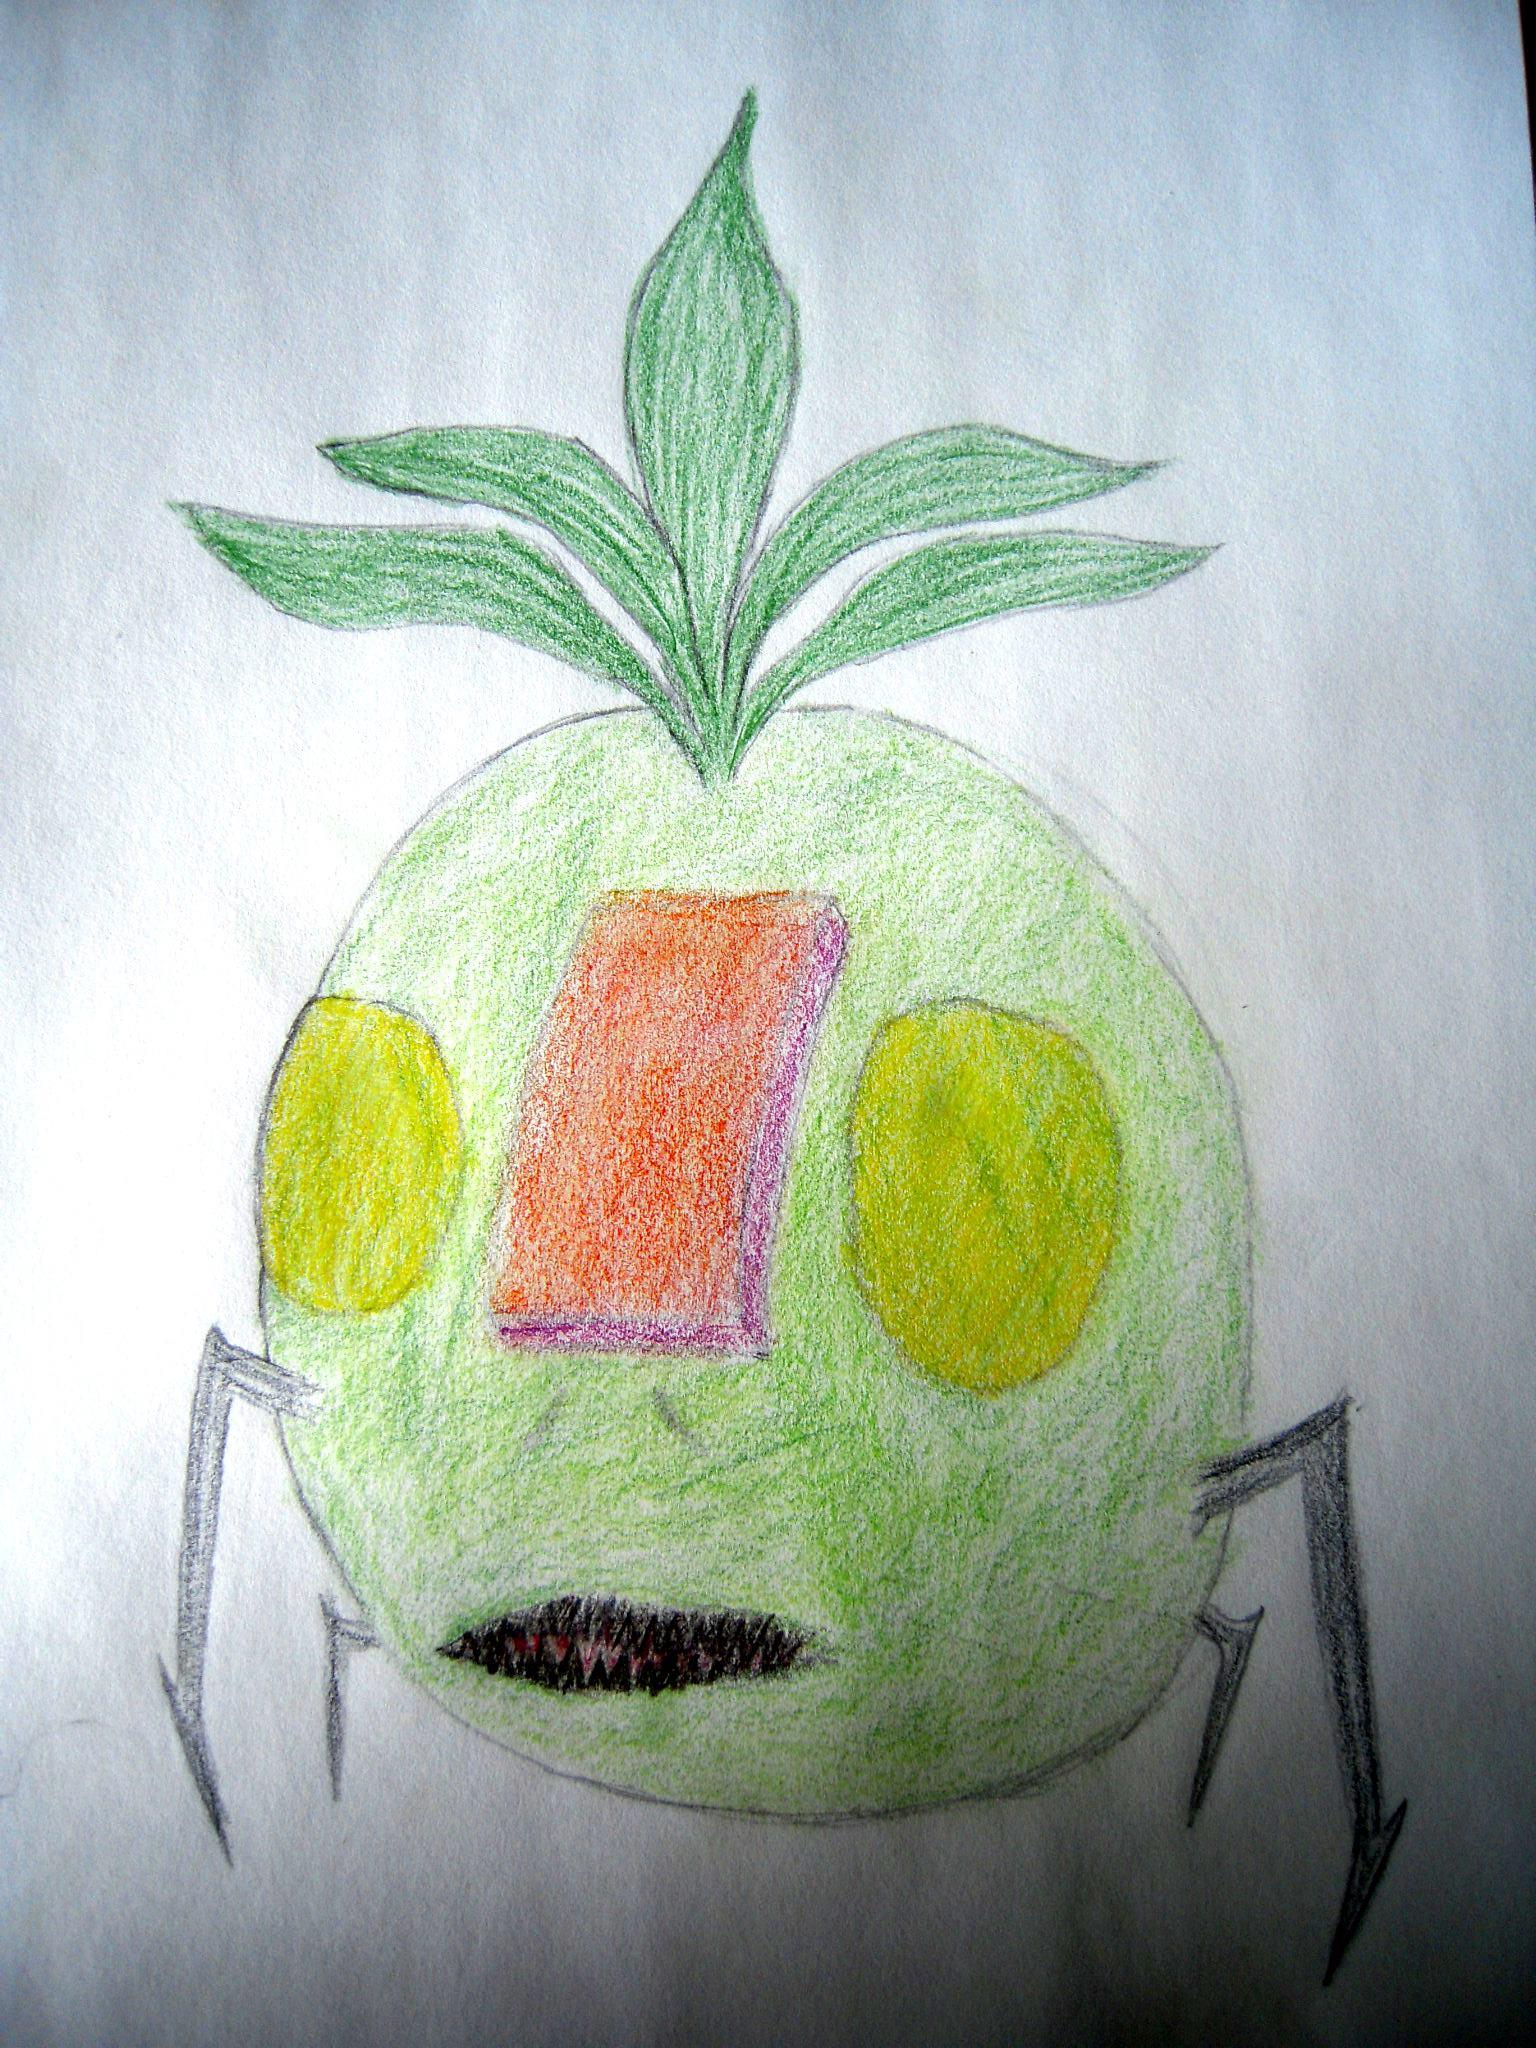 Pea animal